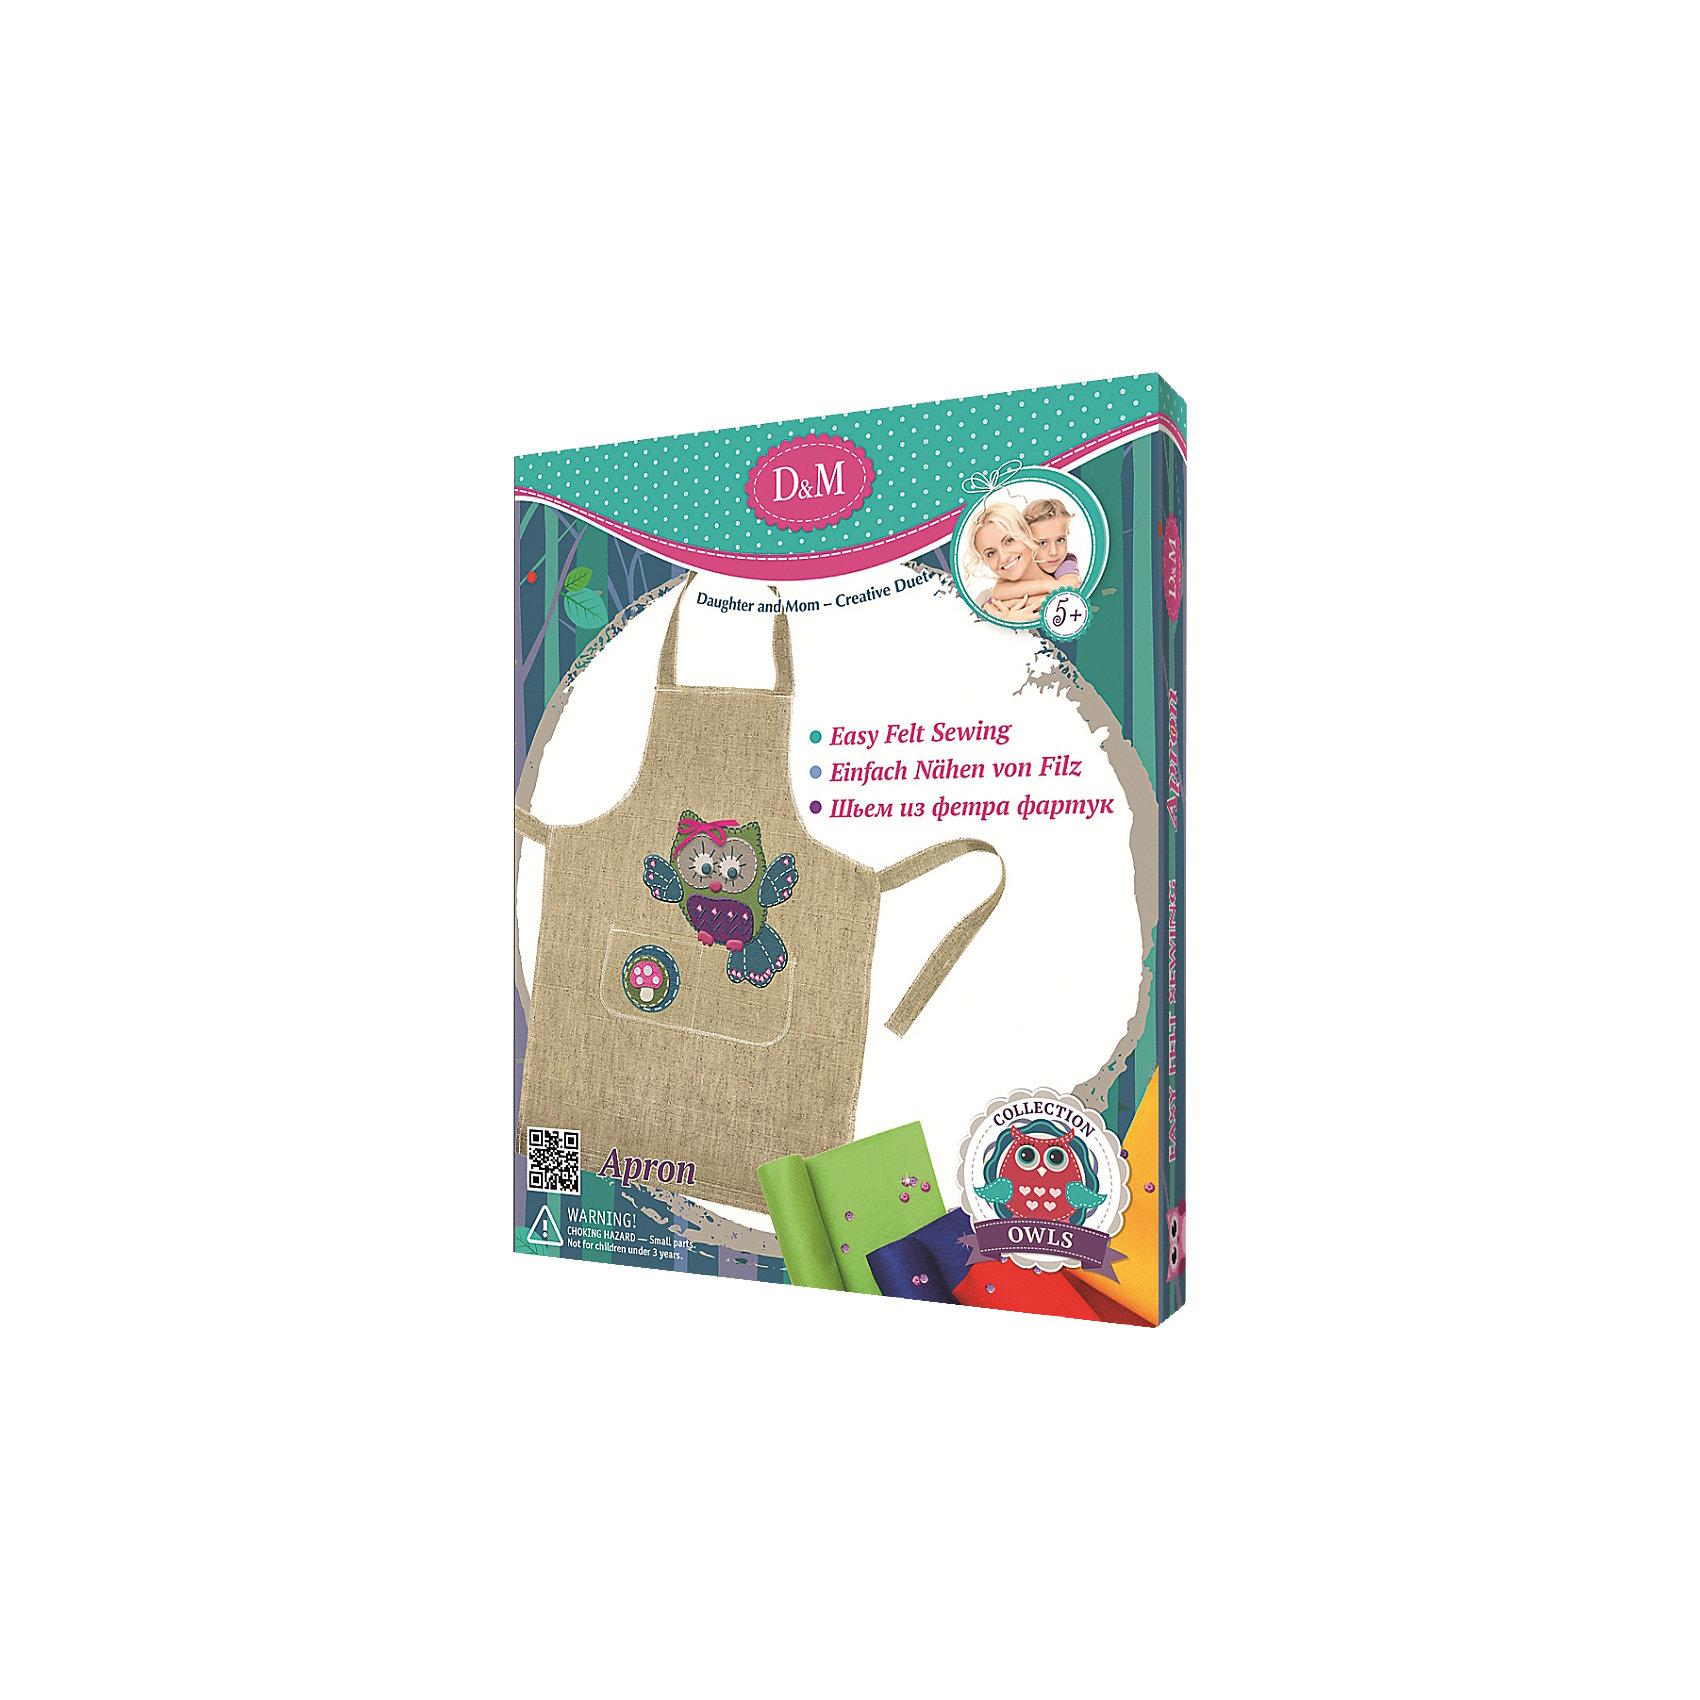 Набор шьем фартук СовыРукоделие<br>С помощью этого набора юные рукодельницы смогут создать оригинальный фартук, который можно украсить красивой аппликацией в виде совы. В процессе декорирования ребенок освоит базовые навыки шитья, а готовое изделие можно использовать в хозяйстве или преподнести в качестве подарка.<br><br>Дополнительная информация:<br><br>- Возраст: от 5 лет<br>- Материал: фетр, текстиль<br>- В комплекте: фартук, фетровые детали, пластиковая игла, нитки, лента, пайетки<br>- Размер упаковки: 20х16х6 см<br>- Вес: 0.17 кг<br><br>Набор шьем фартук Совы можно купить в нашем интернет-магазине.<br><br>Ширина мм: 250<br>Глубина мм: 205<br>Высота мм: 30<br>Вес г: 660<br>Возраст от месяцев: 60<br>Возраст до месяцев: 120<br>Пол: Женский<br>Возраст: Детский<br>SKU: 4834076